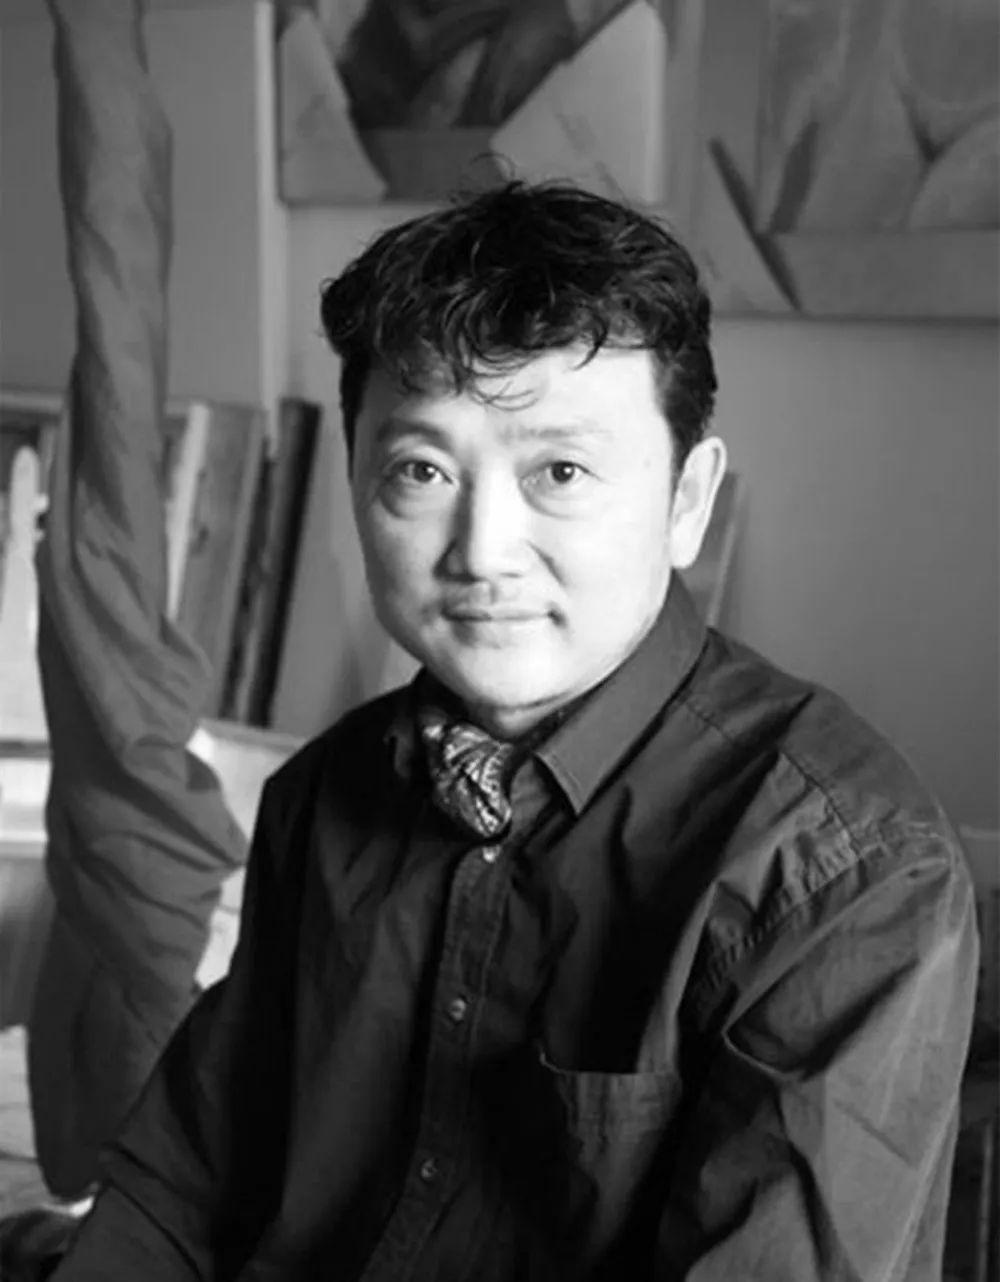 展讯/中蒙建交70周年暨中蒙艺术家油画作品交流展